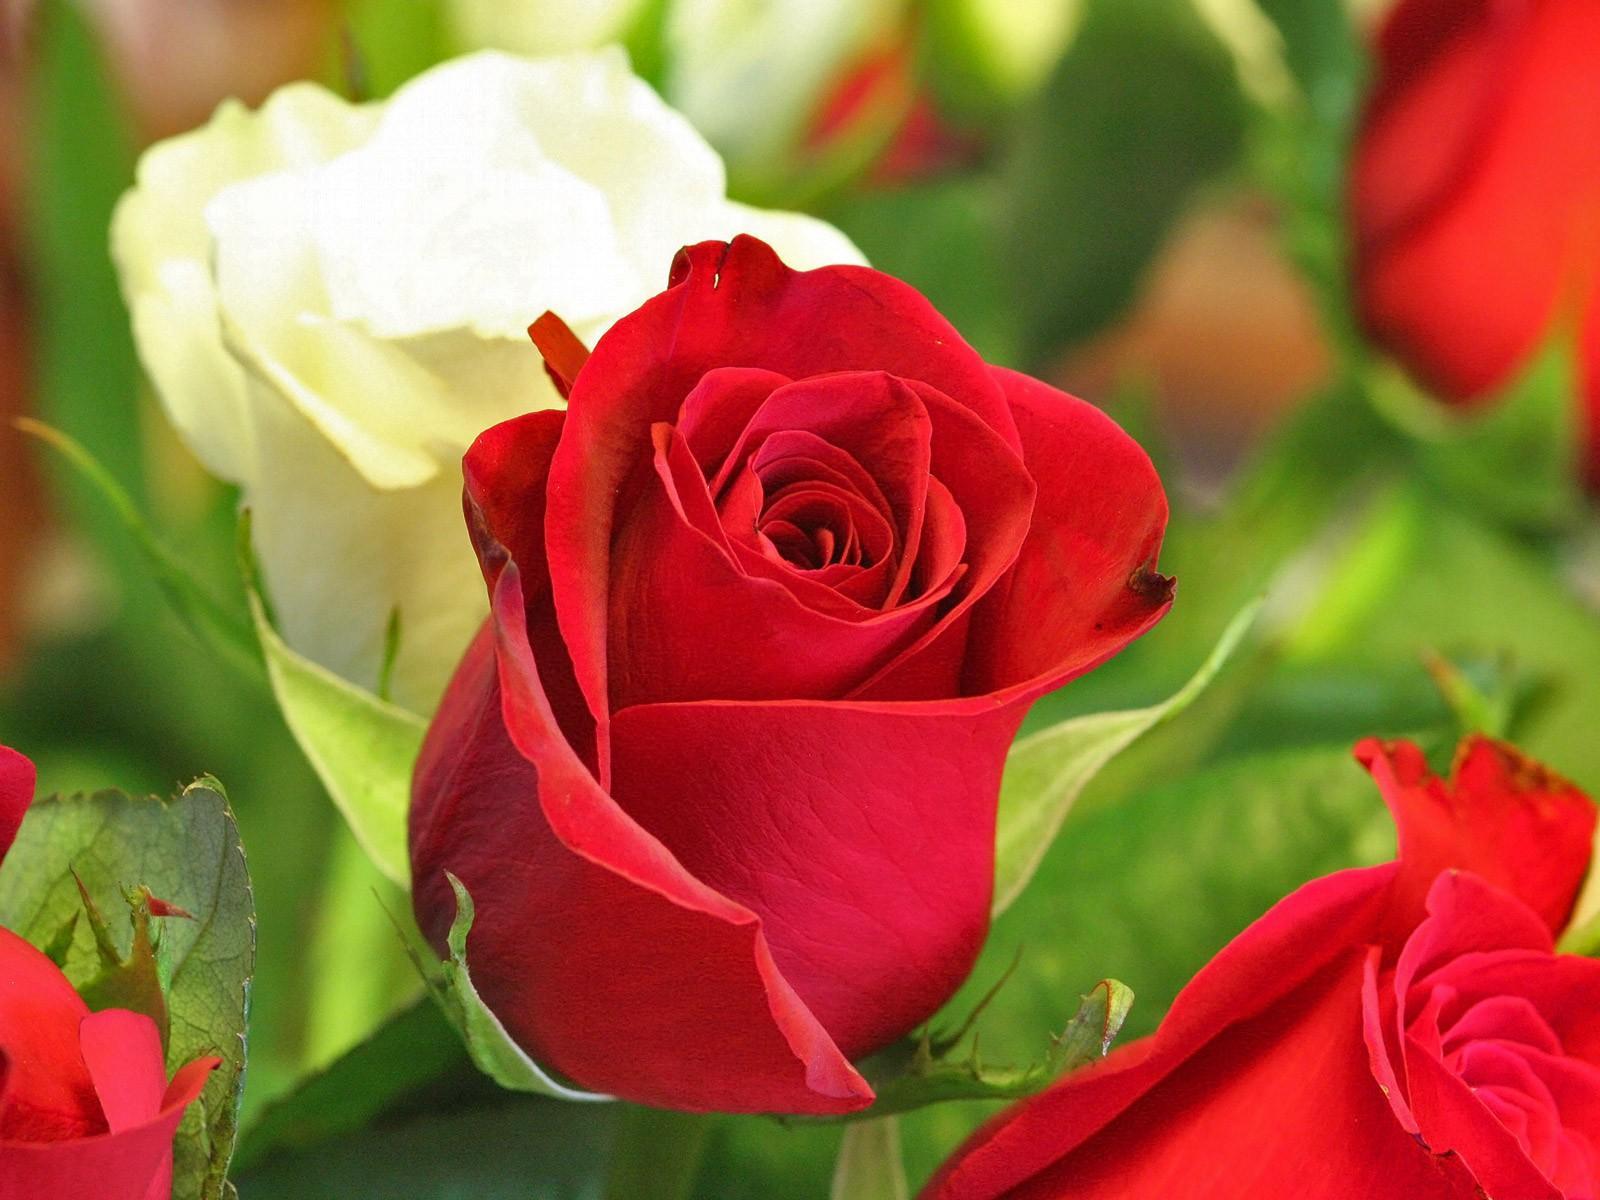 red rose beautiful wallpaper